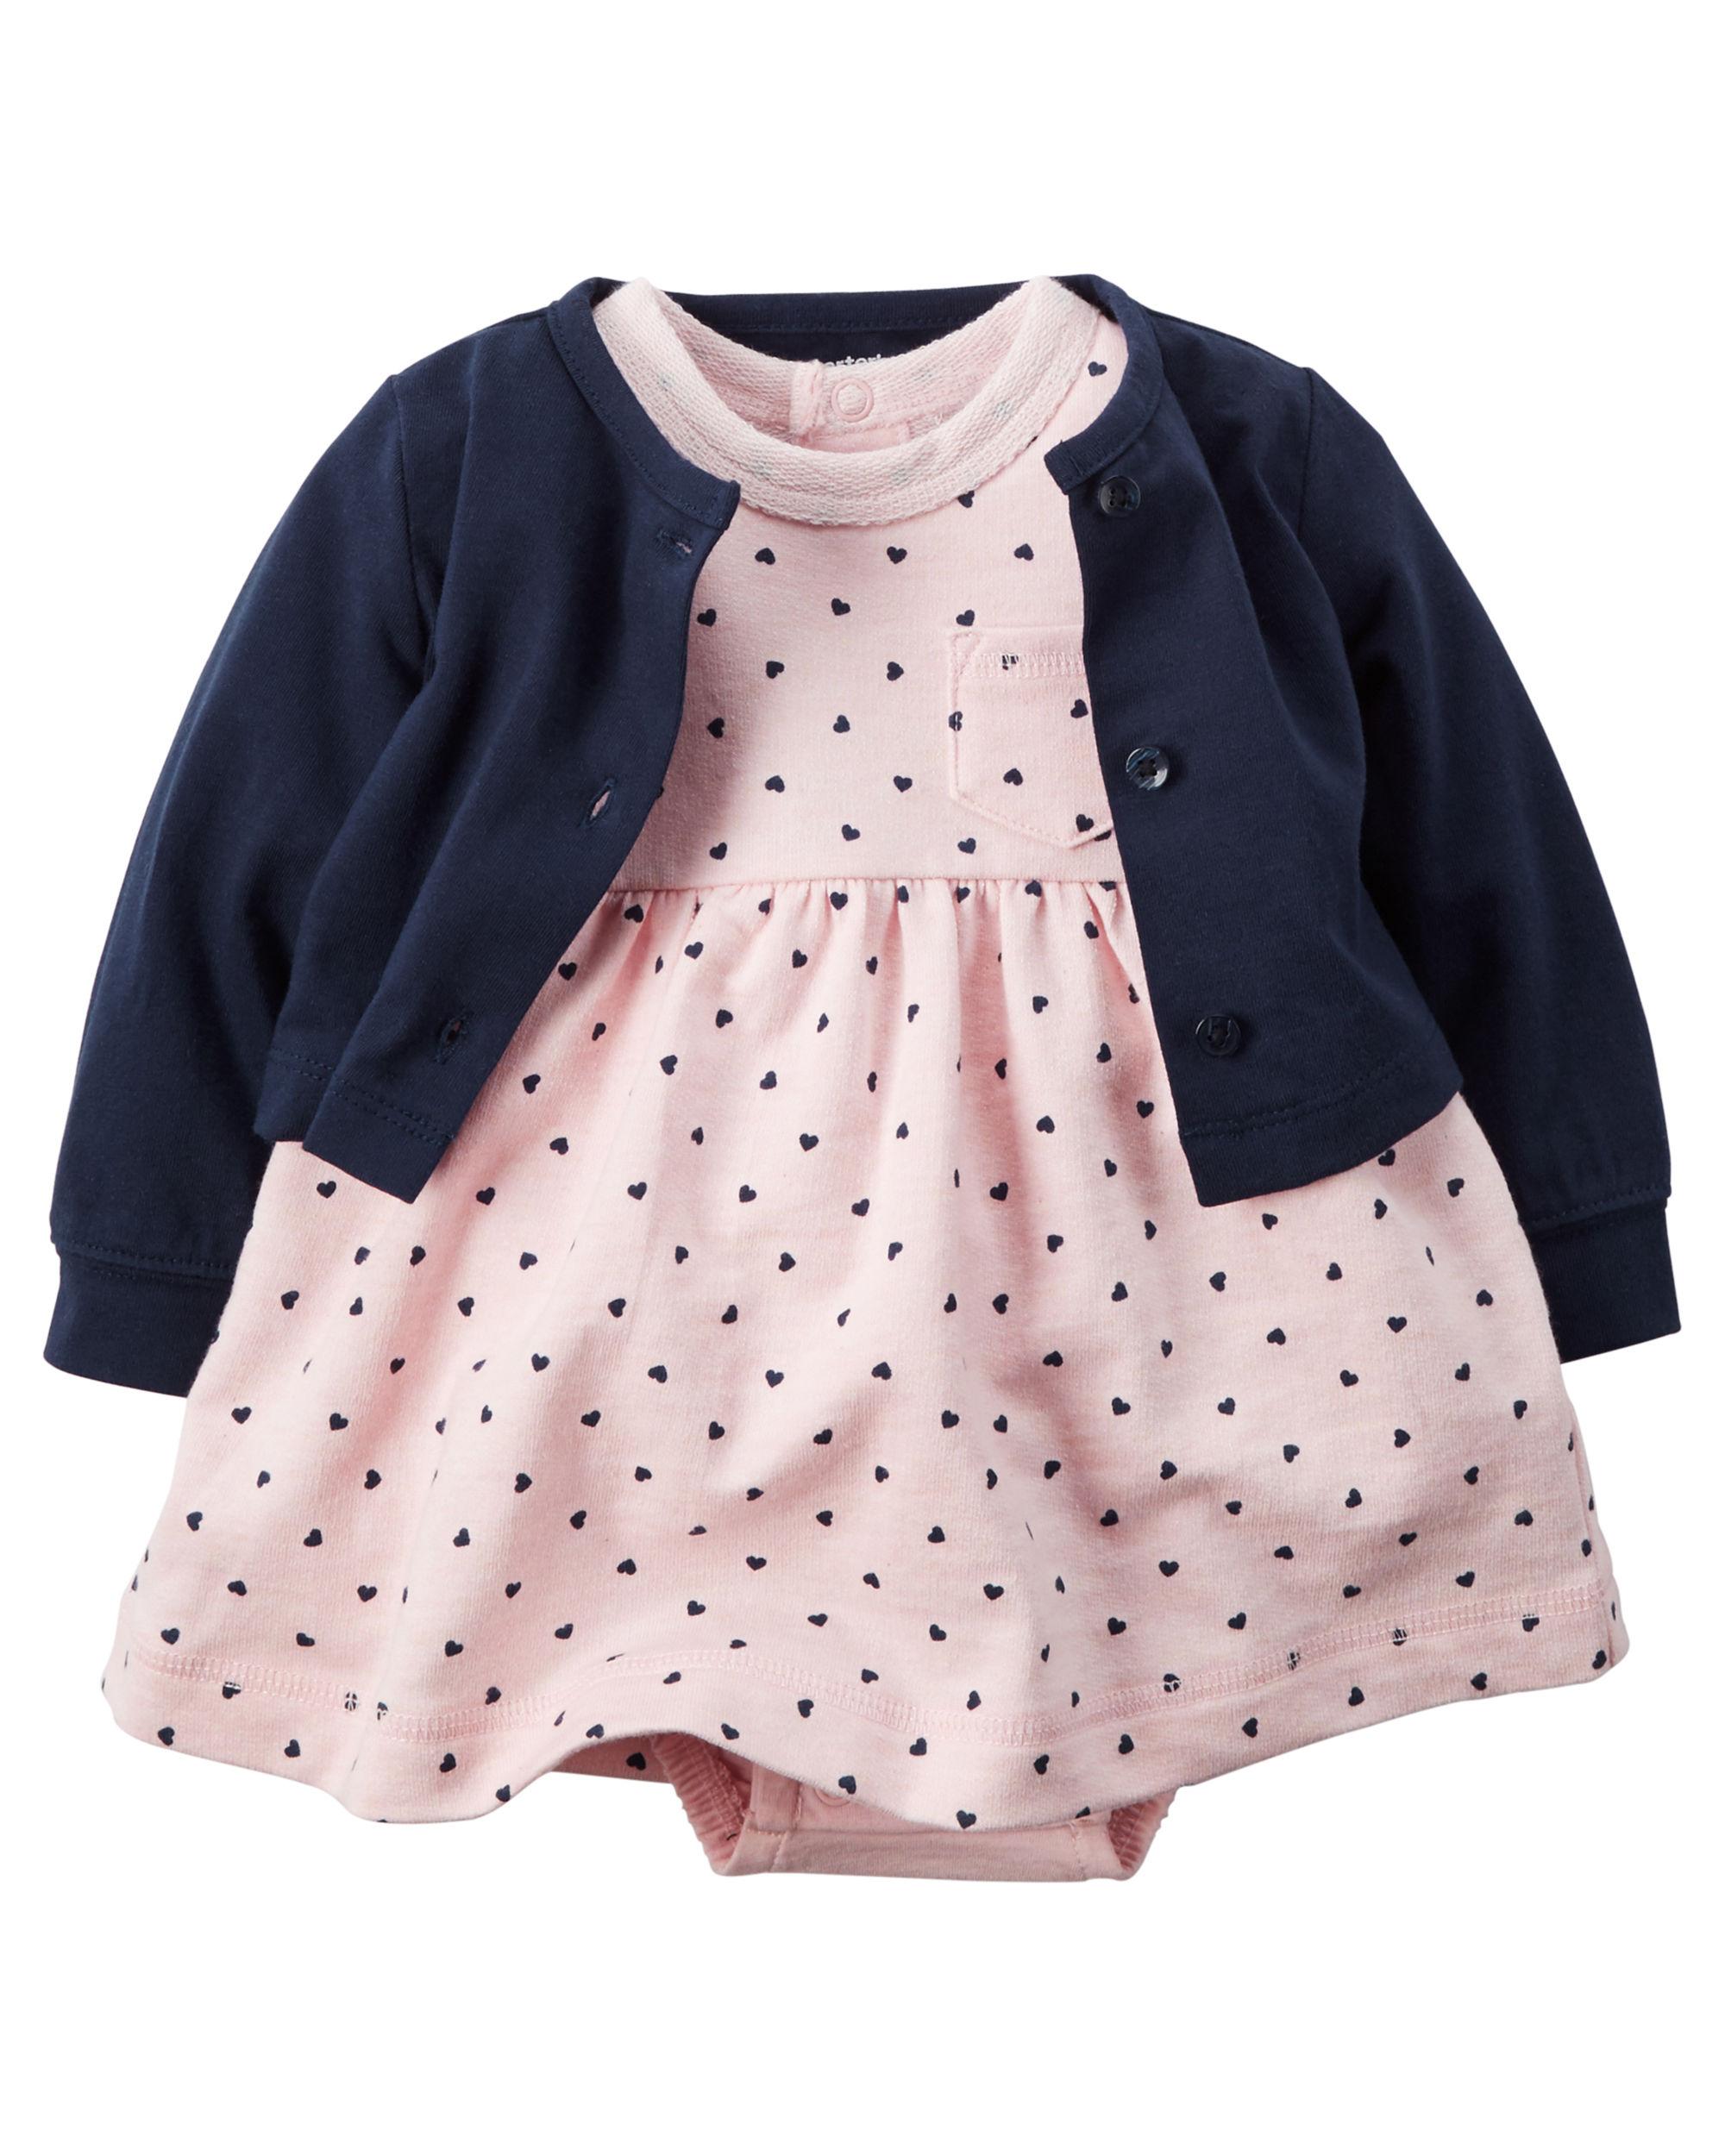 【美國Carter's】套裝2件組-粉嫩愛心點點包屁式洋裝+純棉小外套#121G460